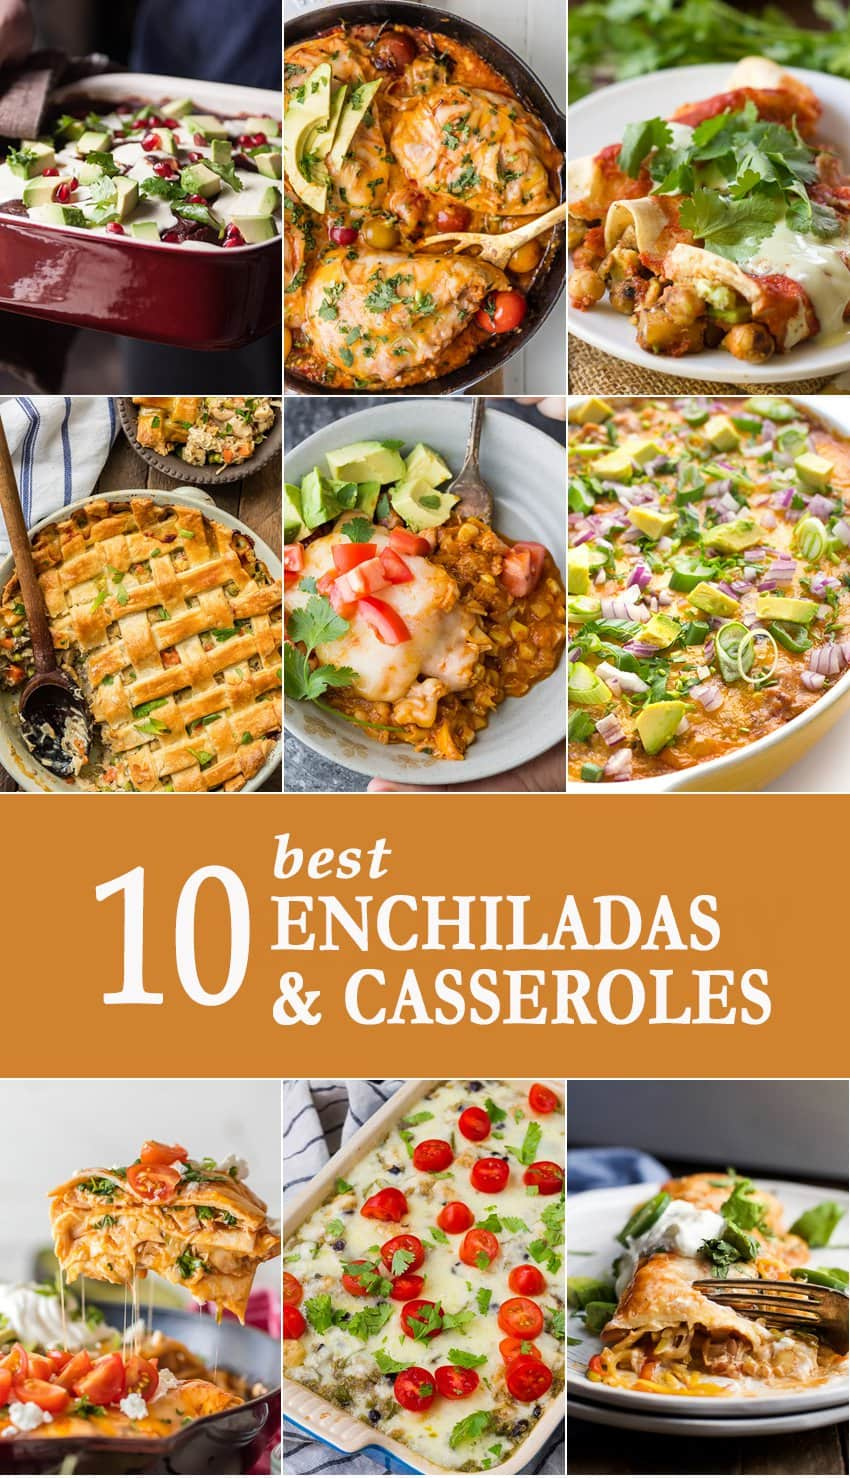 10 Best Enchiladas and Casseroles